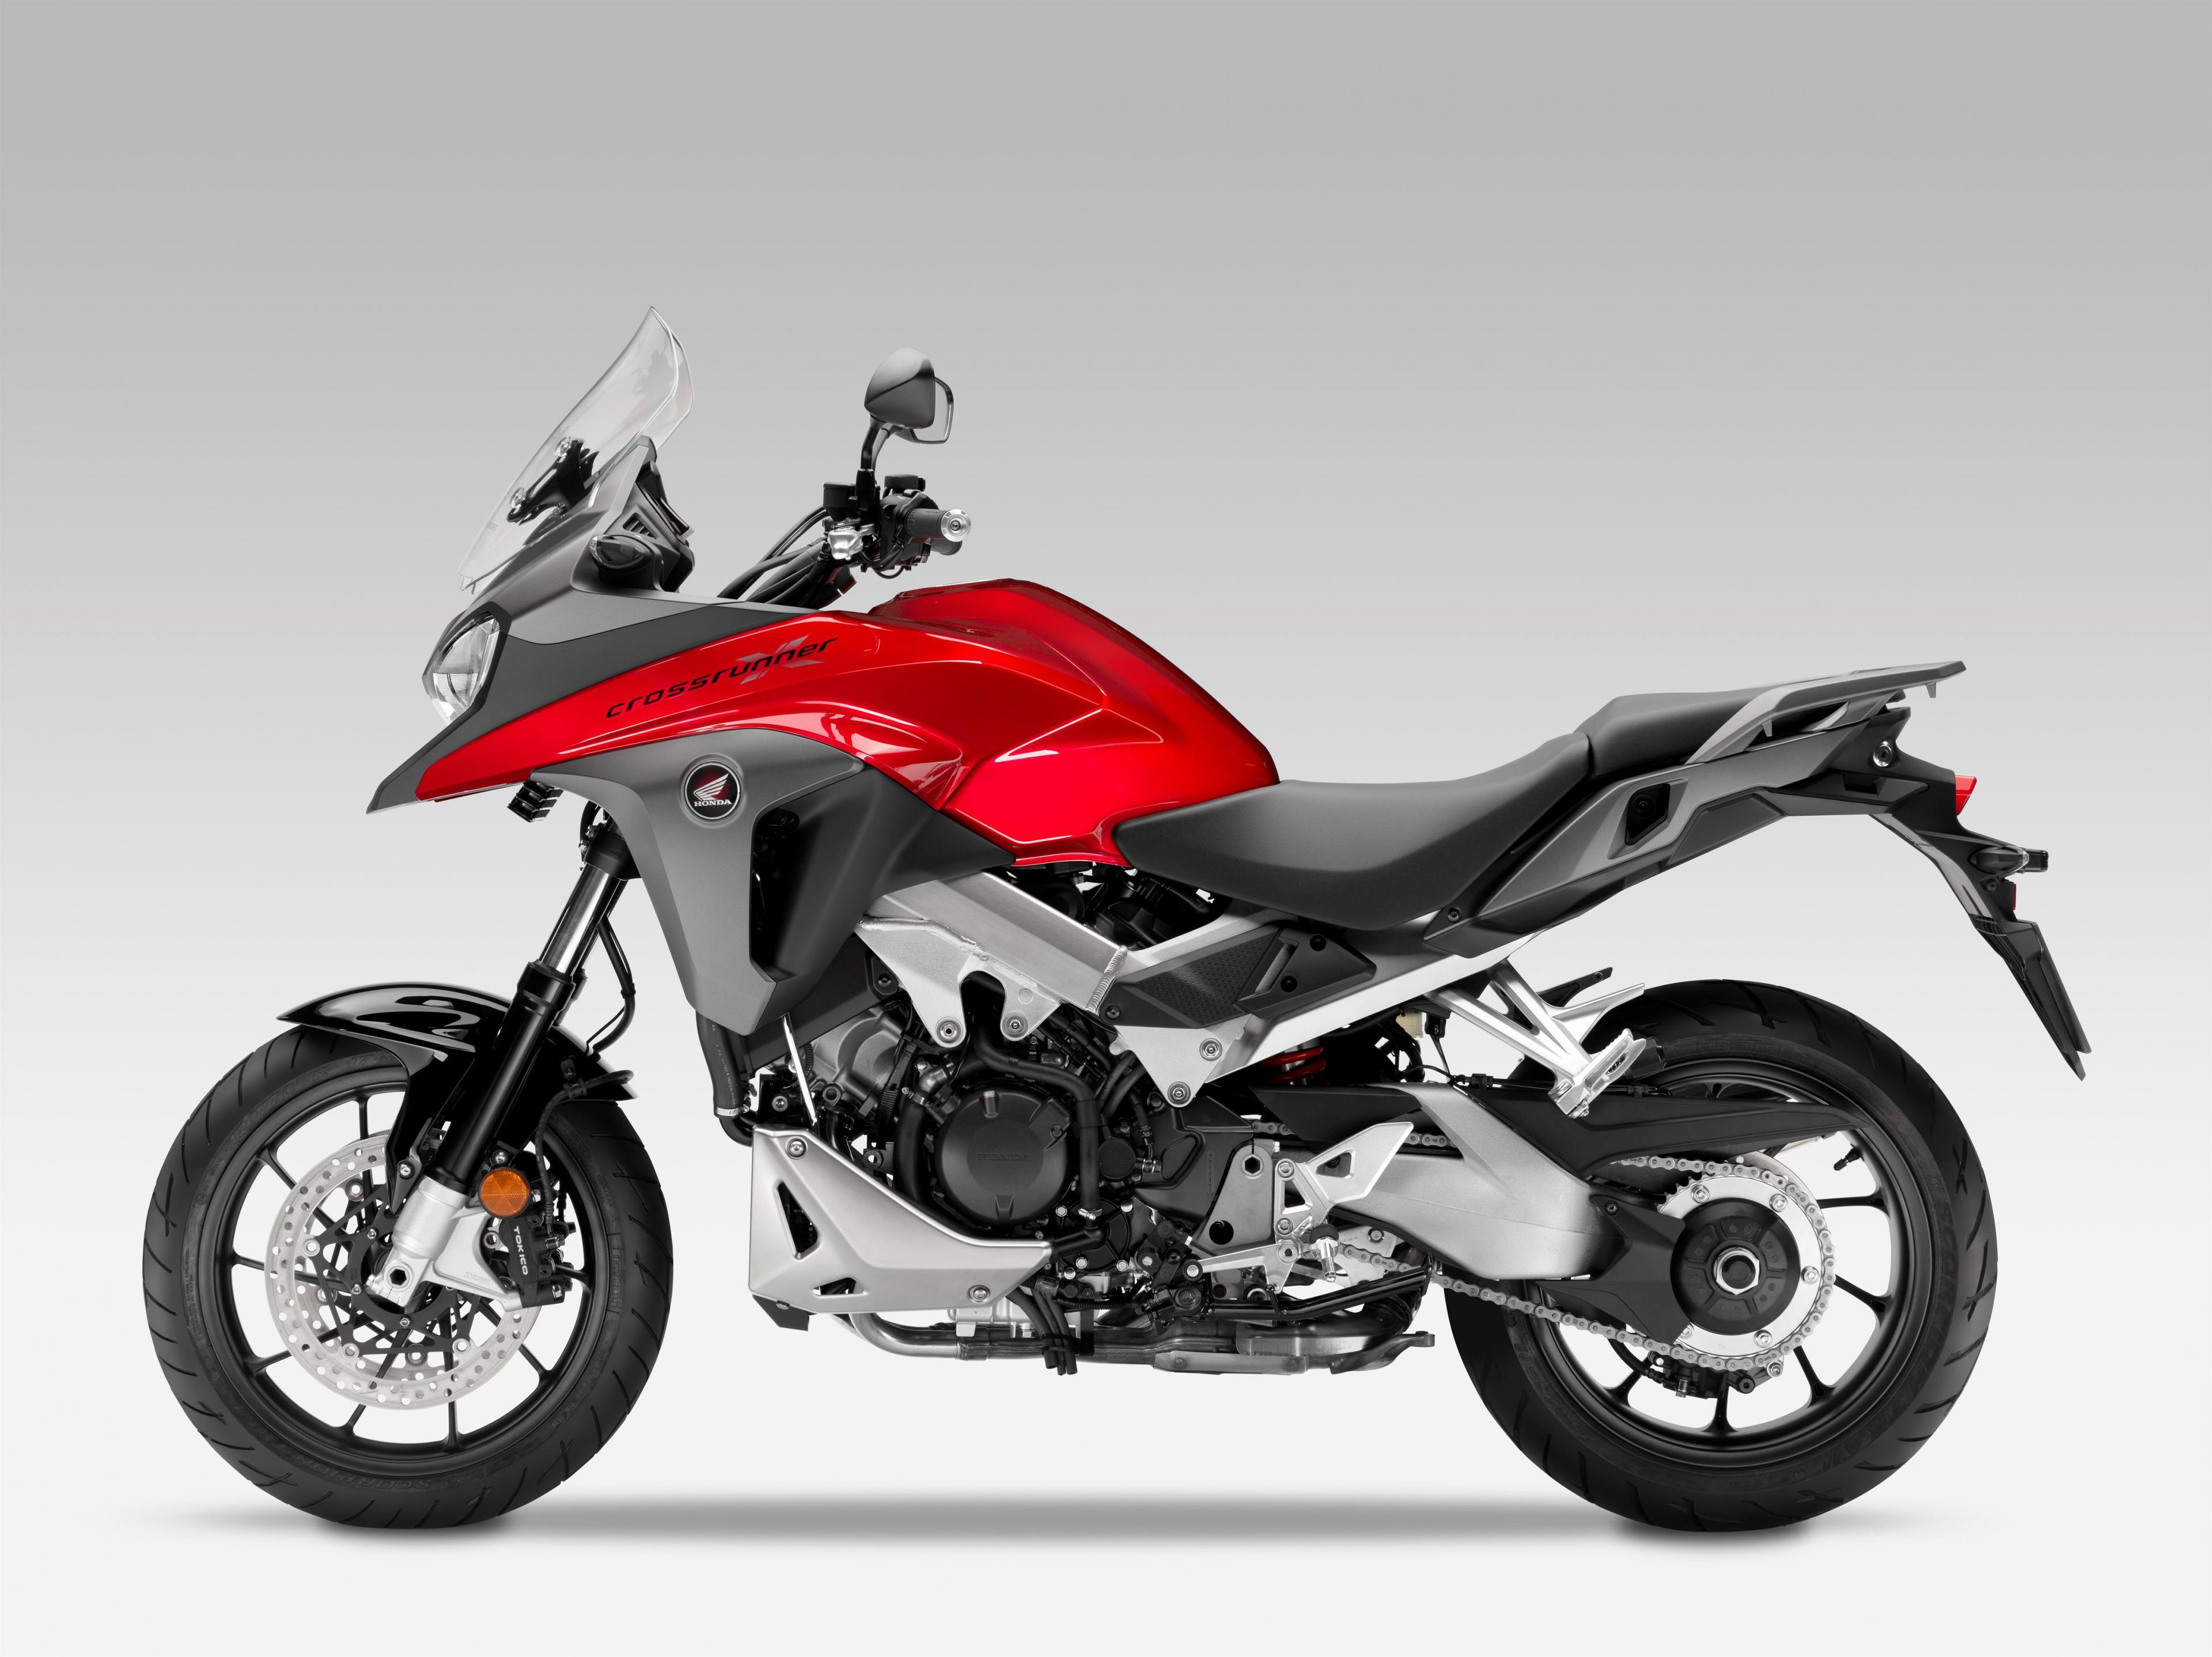 For Sale Honda Vfr800x Crossrunner The Bike Market